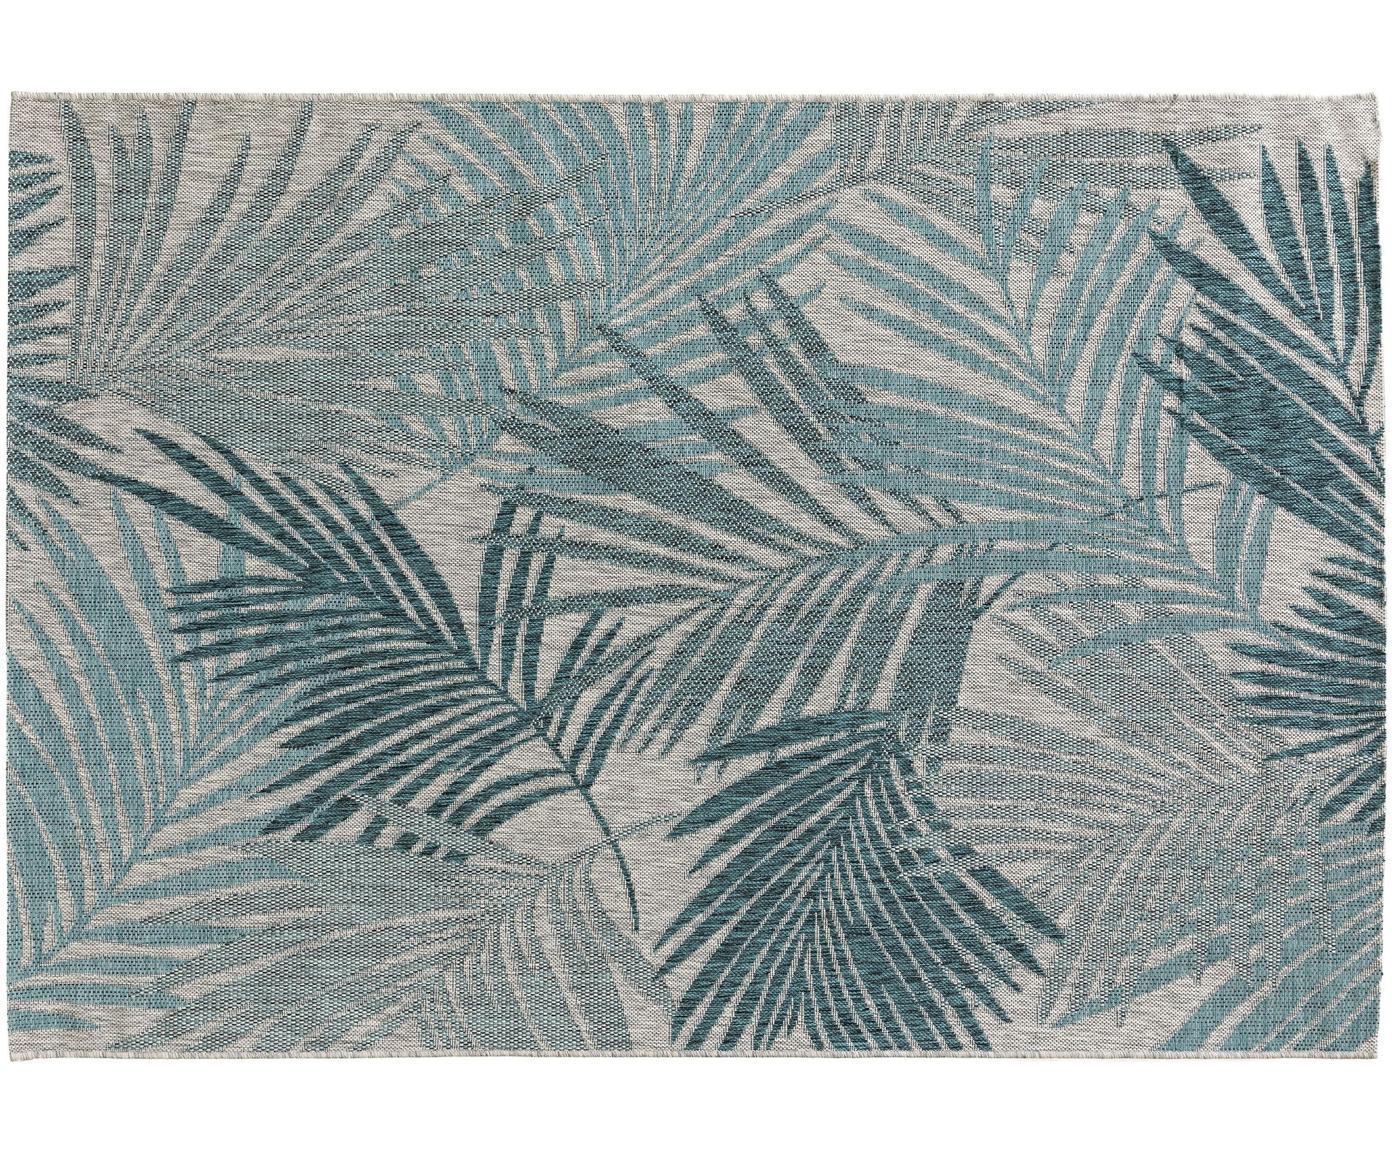 Tappeto da interno-esterno Cleo, 90% polipropilene, 10% poliestere, Blu, Larg. 300  x Lung. 400 cm (taglia XL)